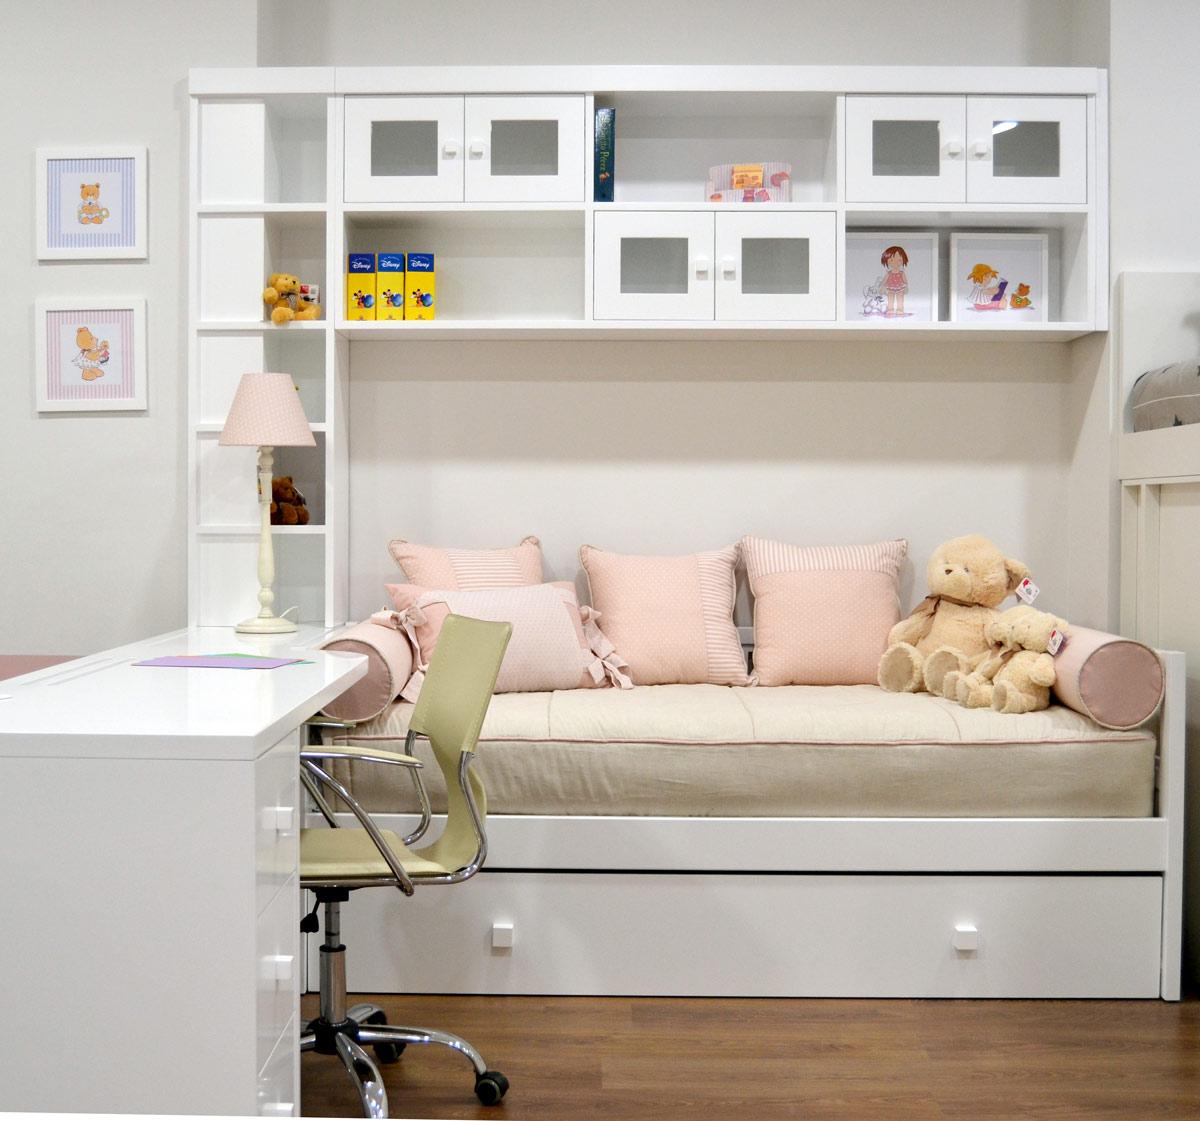 Dormitorios juveniles archivos el p jaro carpintero for Muebles bonitos sl